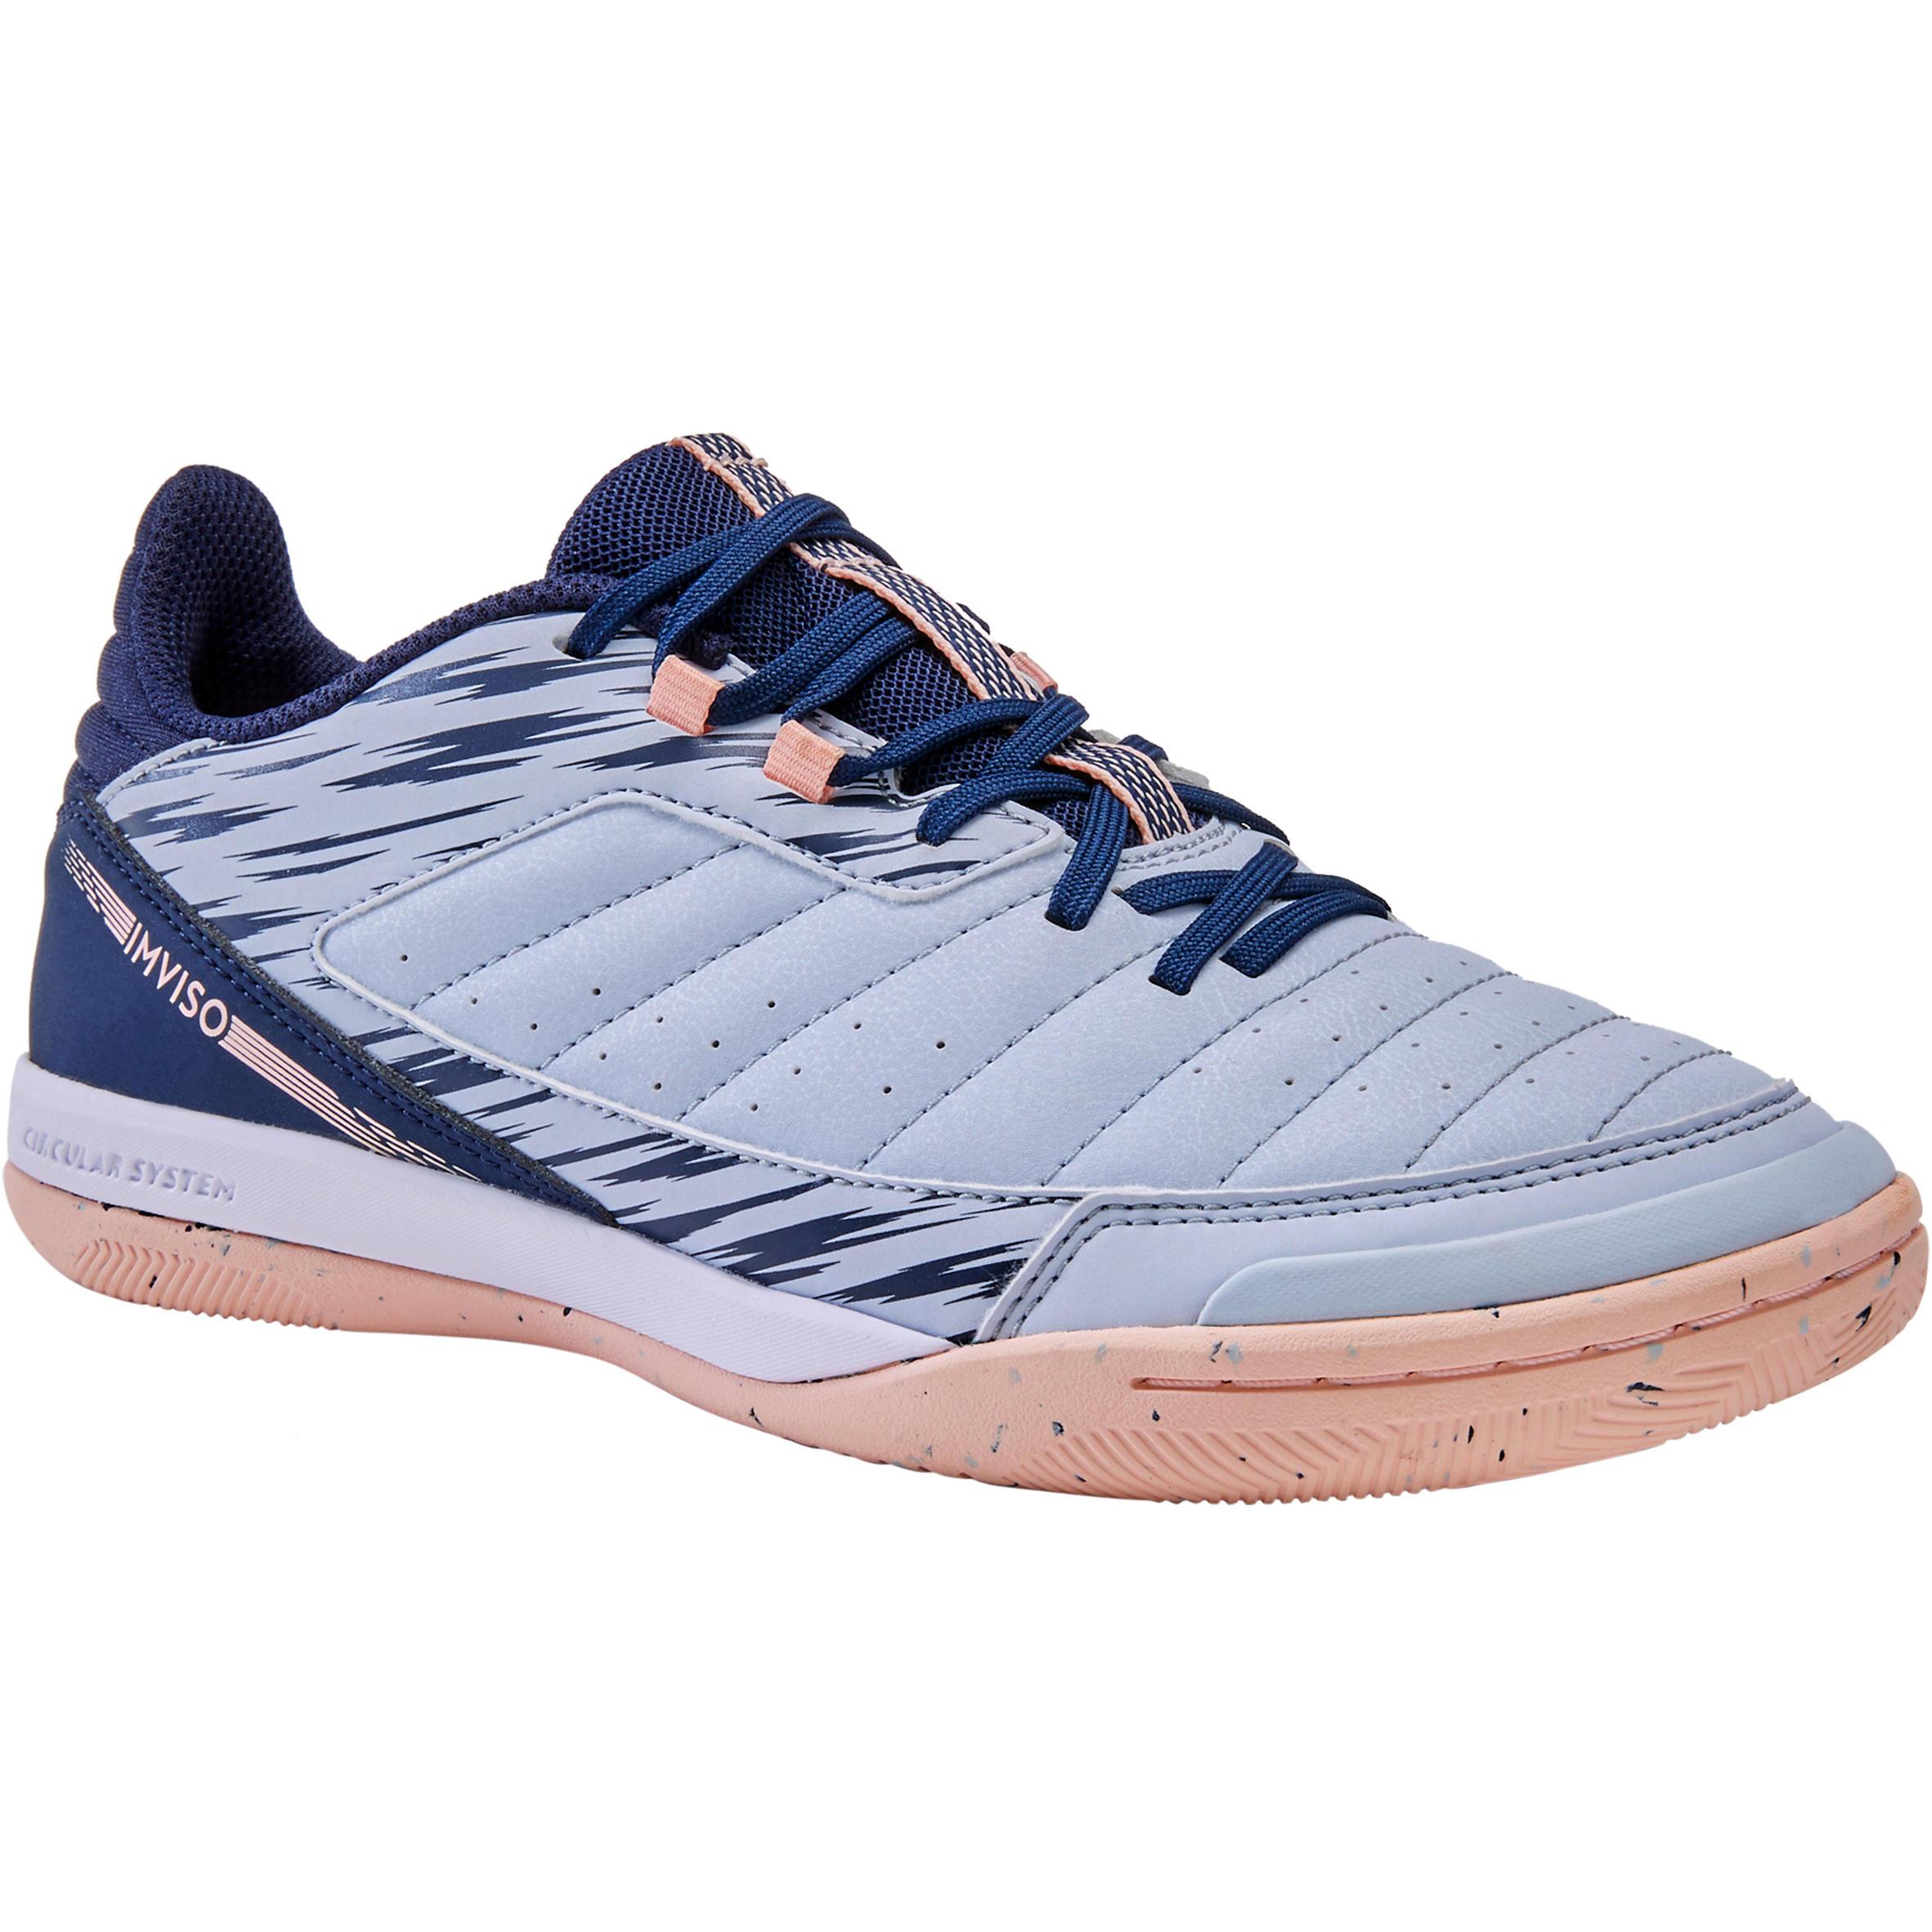 Hallenschuhe Futsal Eskudo 500 IN Kunstleder Damen grau/rosa | Schuhe > Sportschuhe > Hallenschuhe | Grau - Blau - Rosa | Imviso